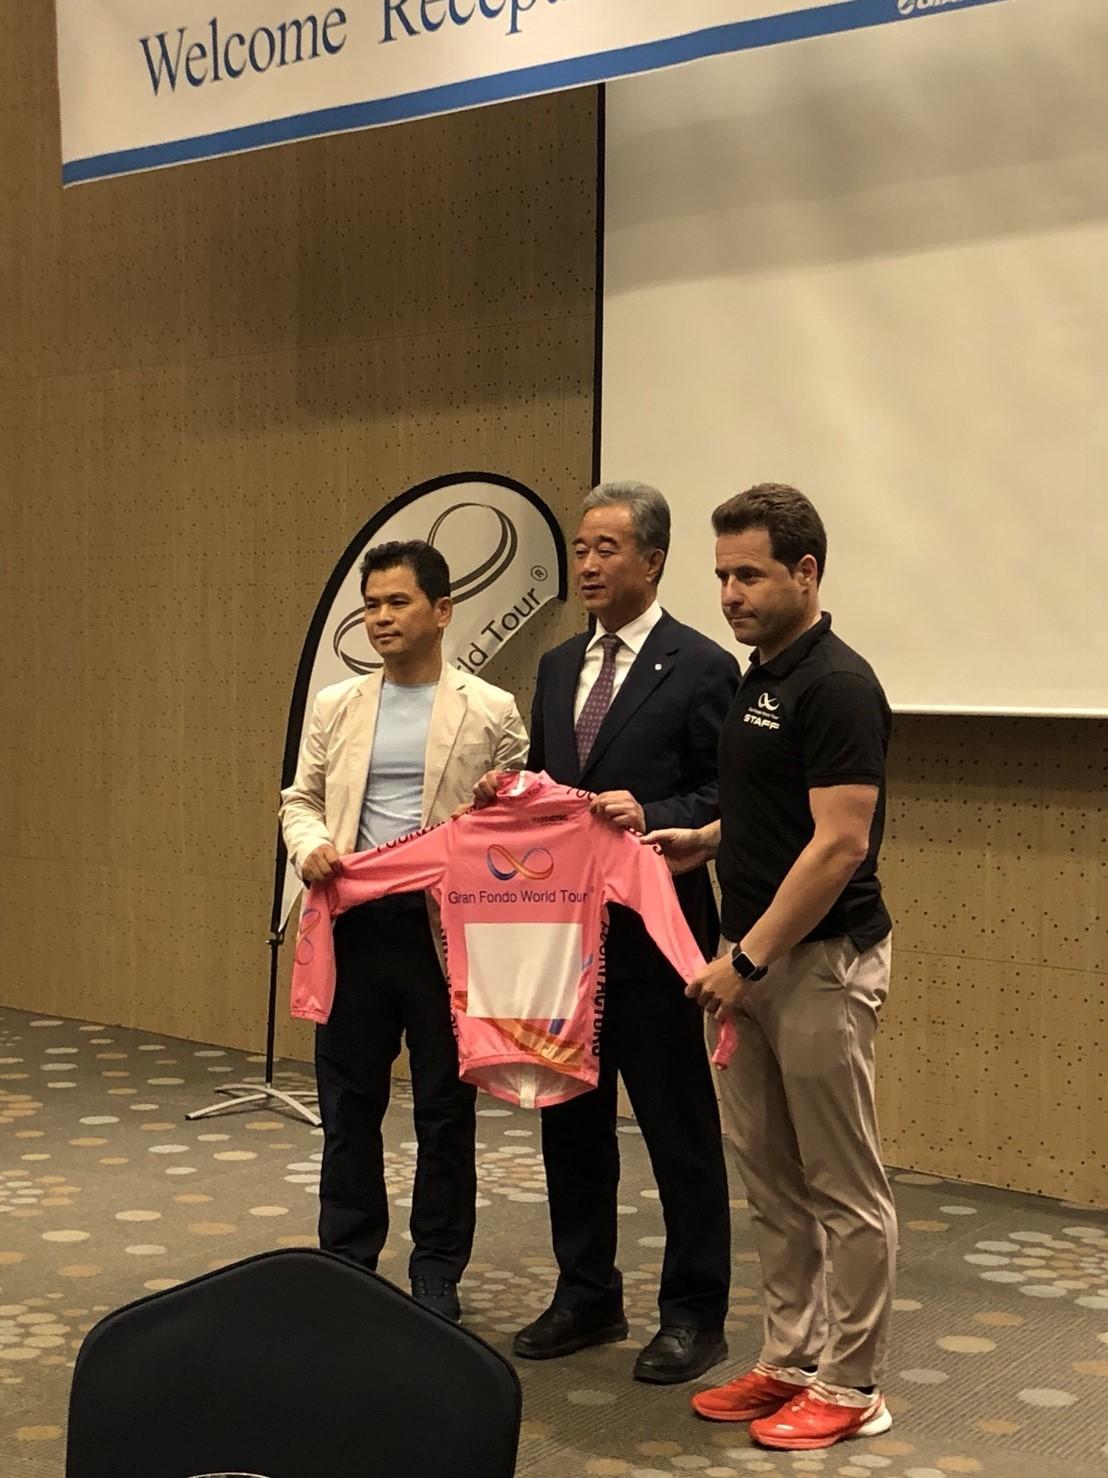 由左至右:活動創辦人Uhm Kiseok、地方官員 與 GFWT代表Dani Buyo